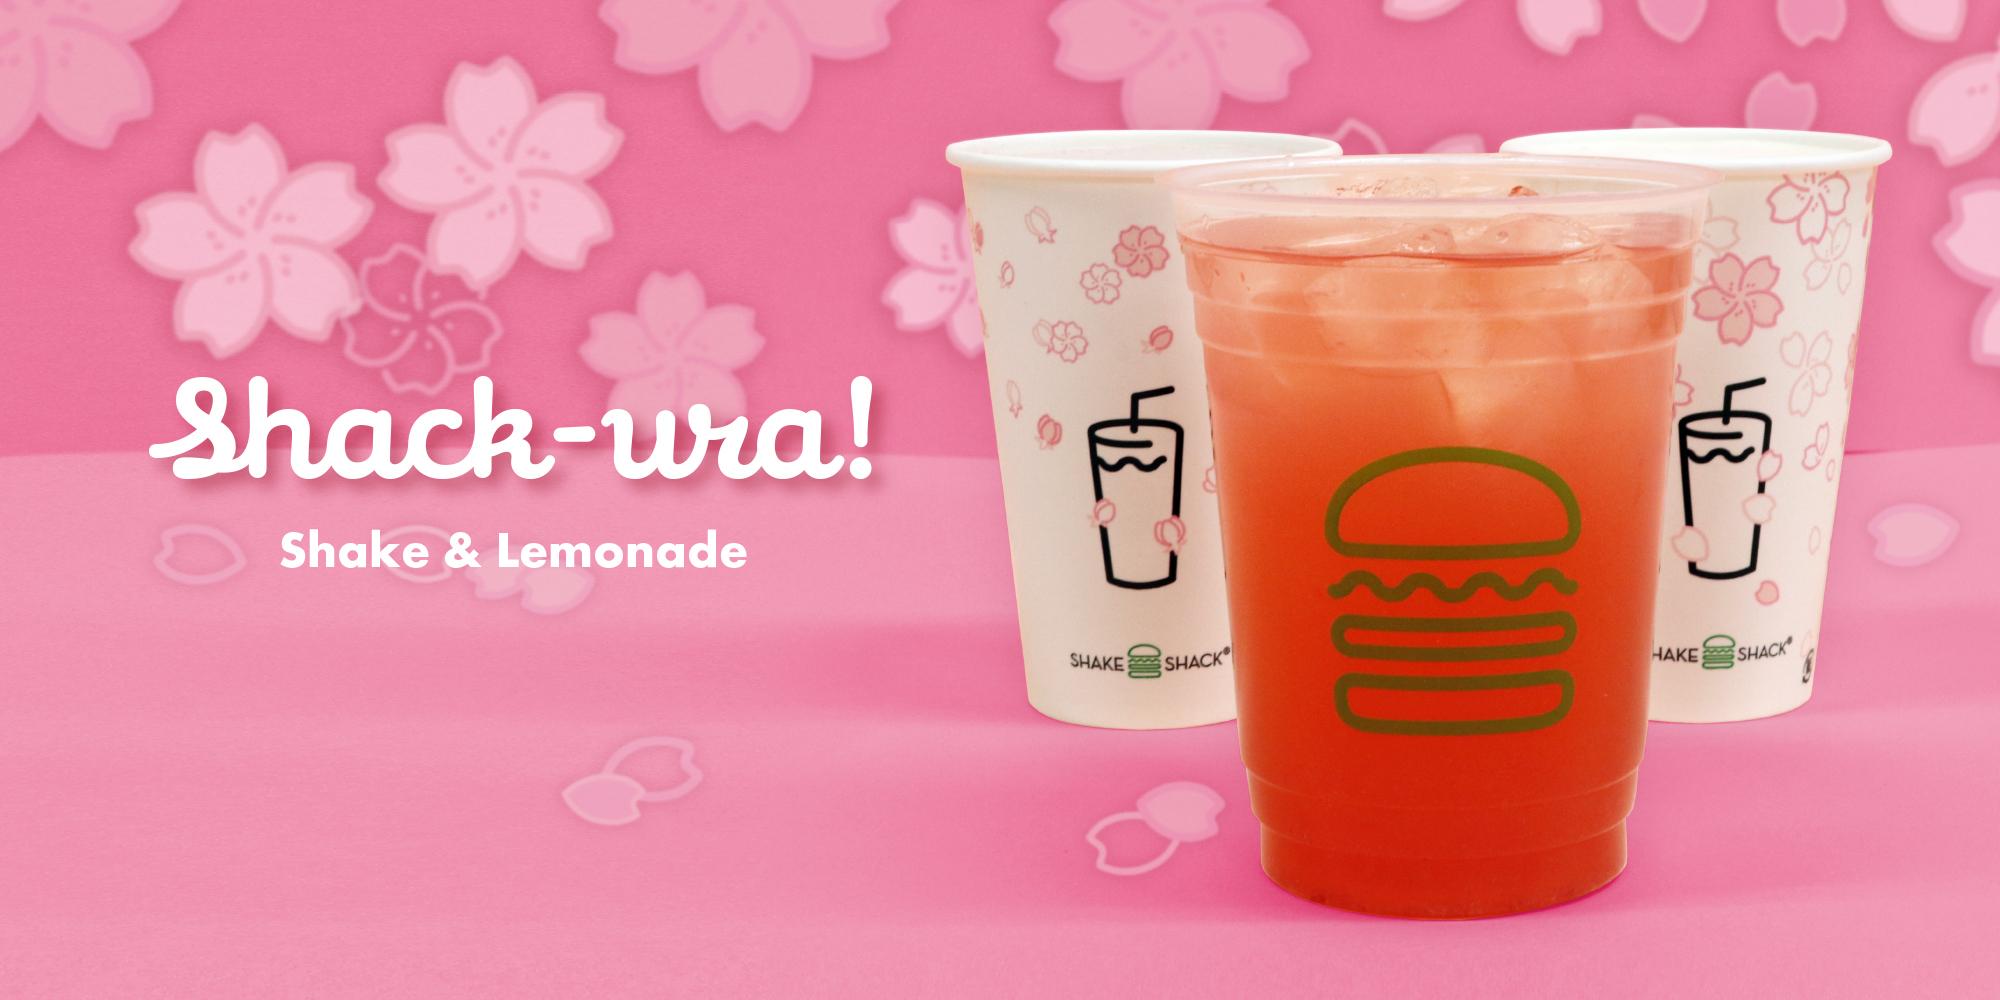 桜の季節がやってきた!新登場の桜レモネードと大人気の桜シェイクを期間限定で販売!